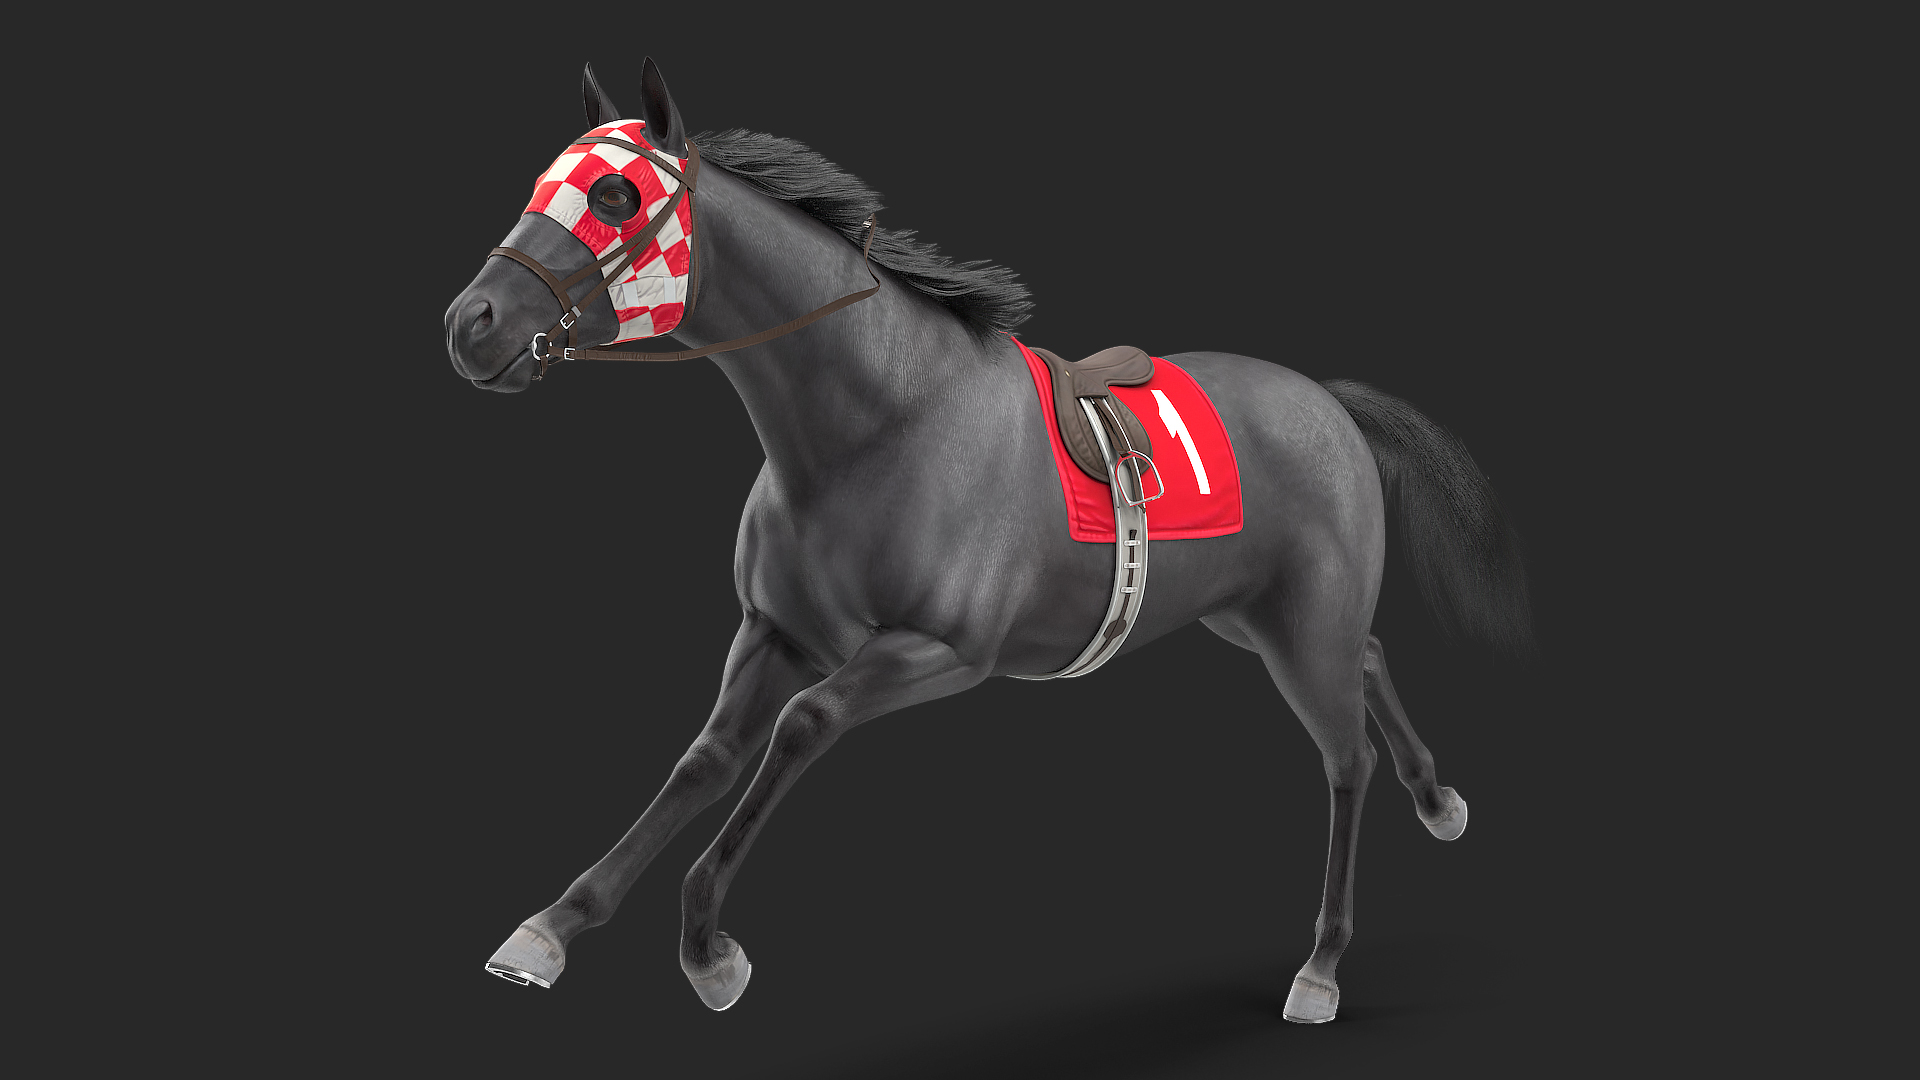 【最新】 競走 馬 壁紙 ~ HDの壁紙畫像